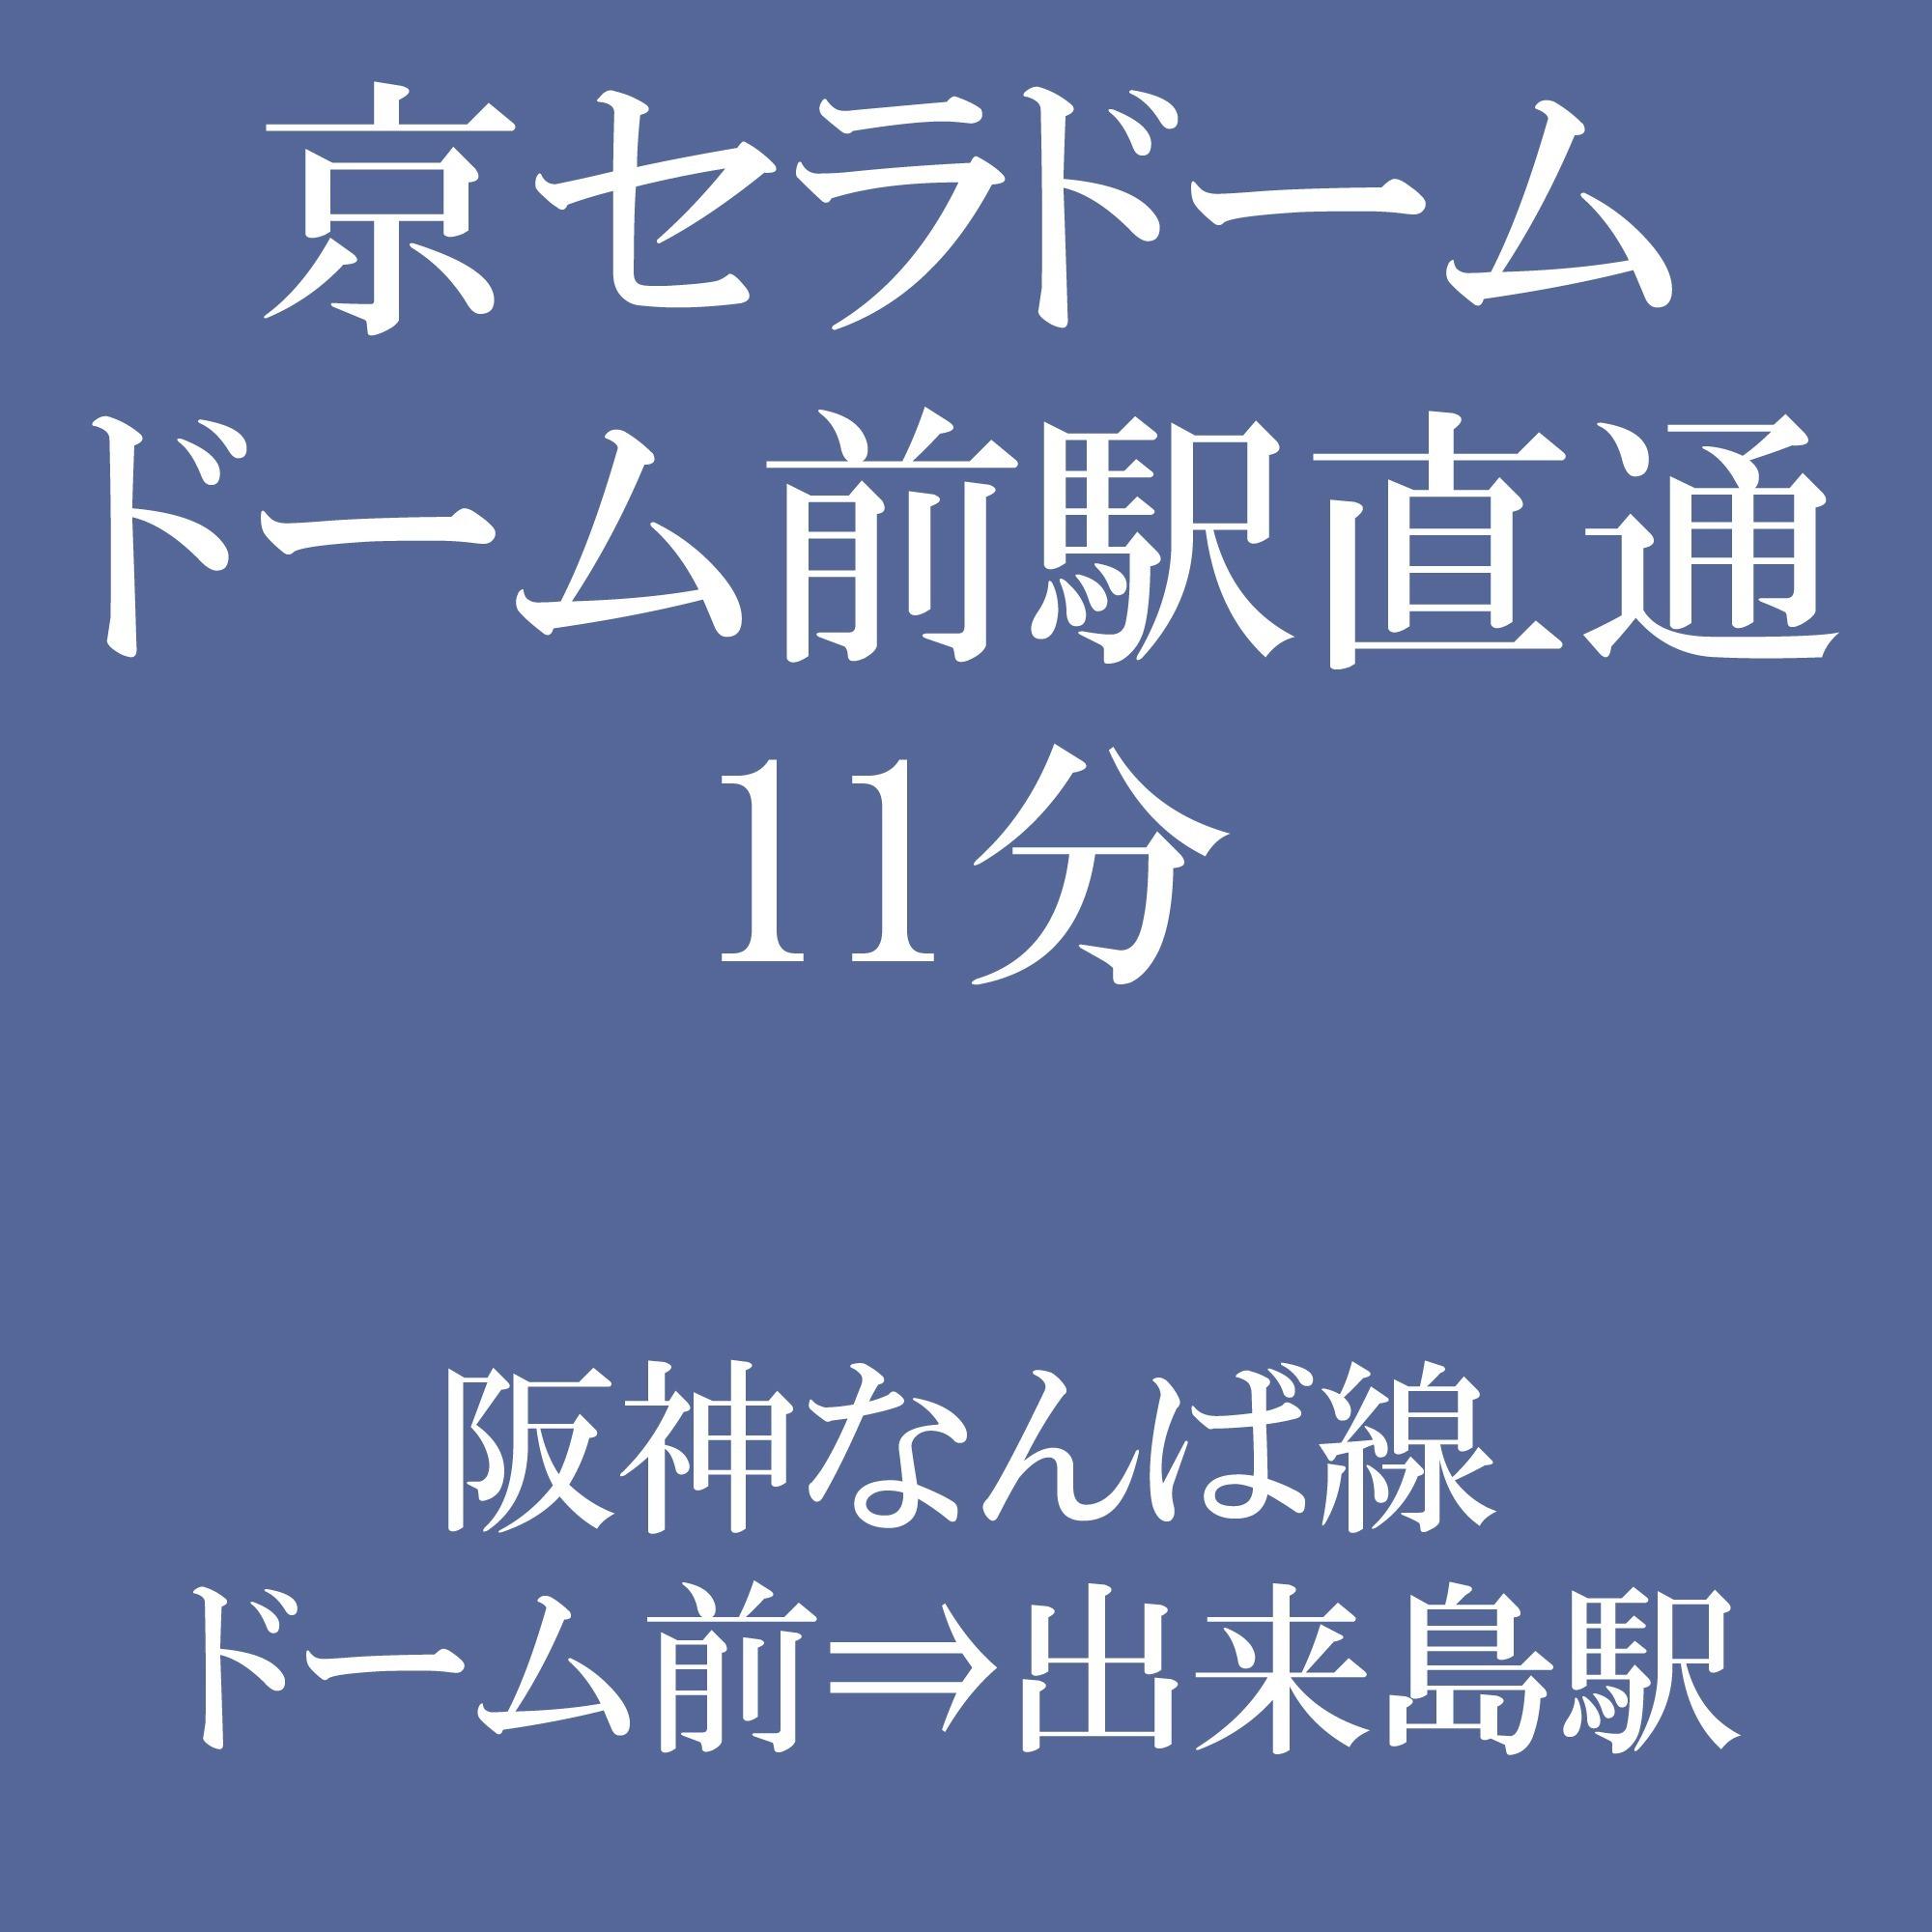 京セラドームまでアクセス抜群!